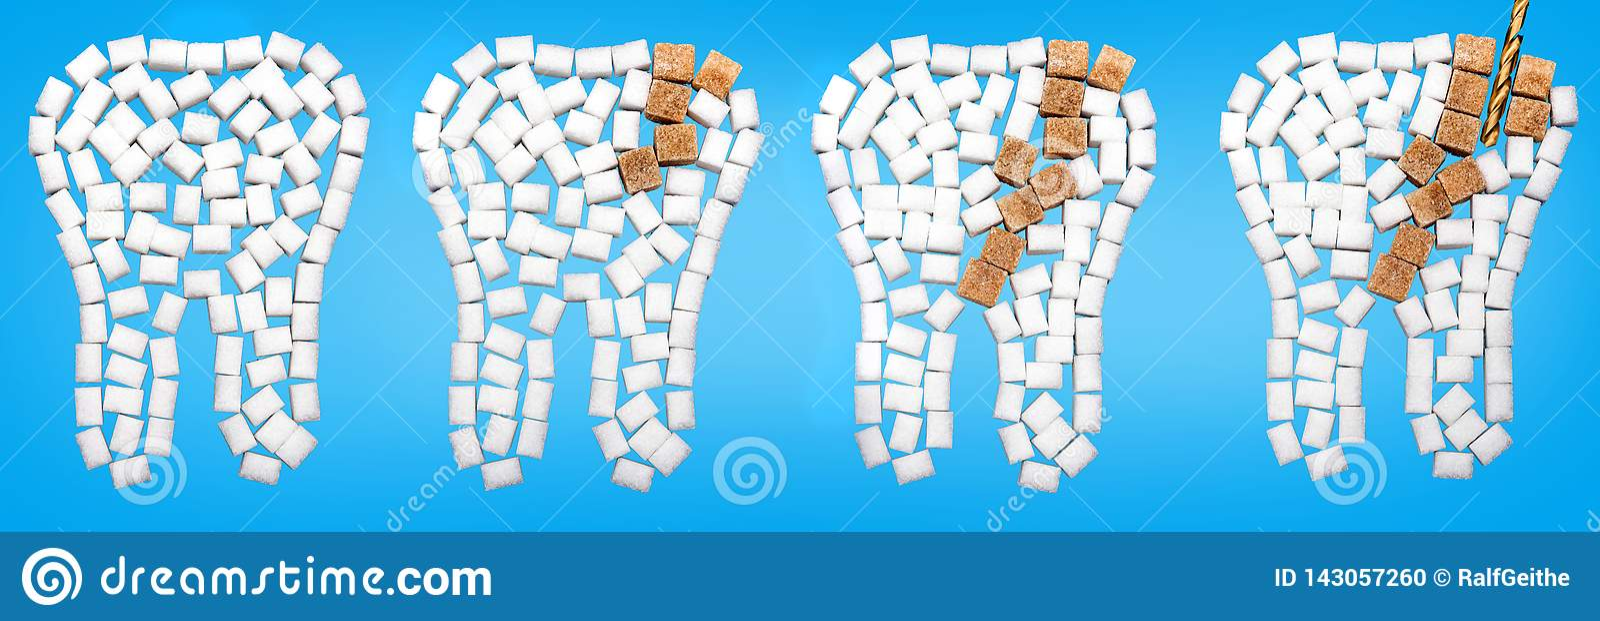 Από χαλασμένα τα τερηδόνα δόντια από τη ζάχαρη σε ένα μπλε κλίμα